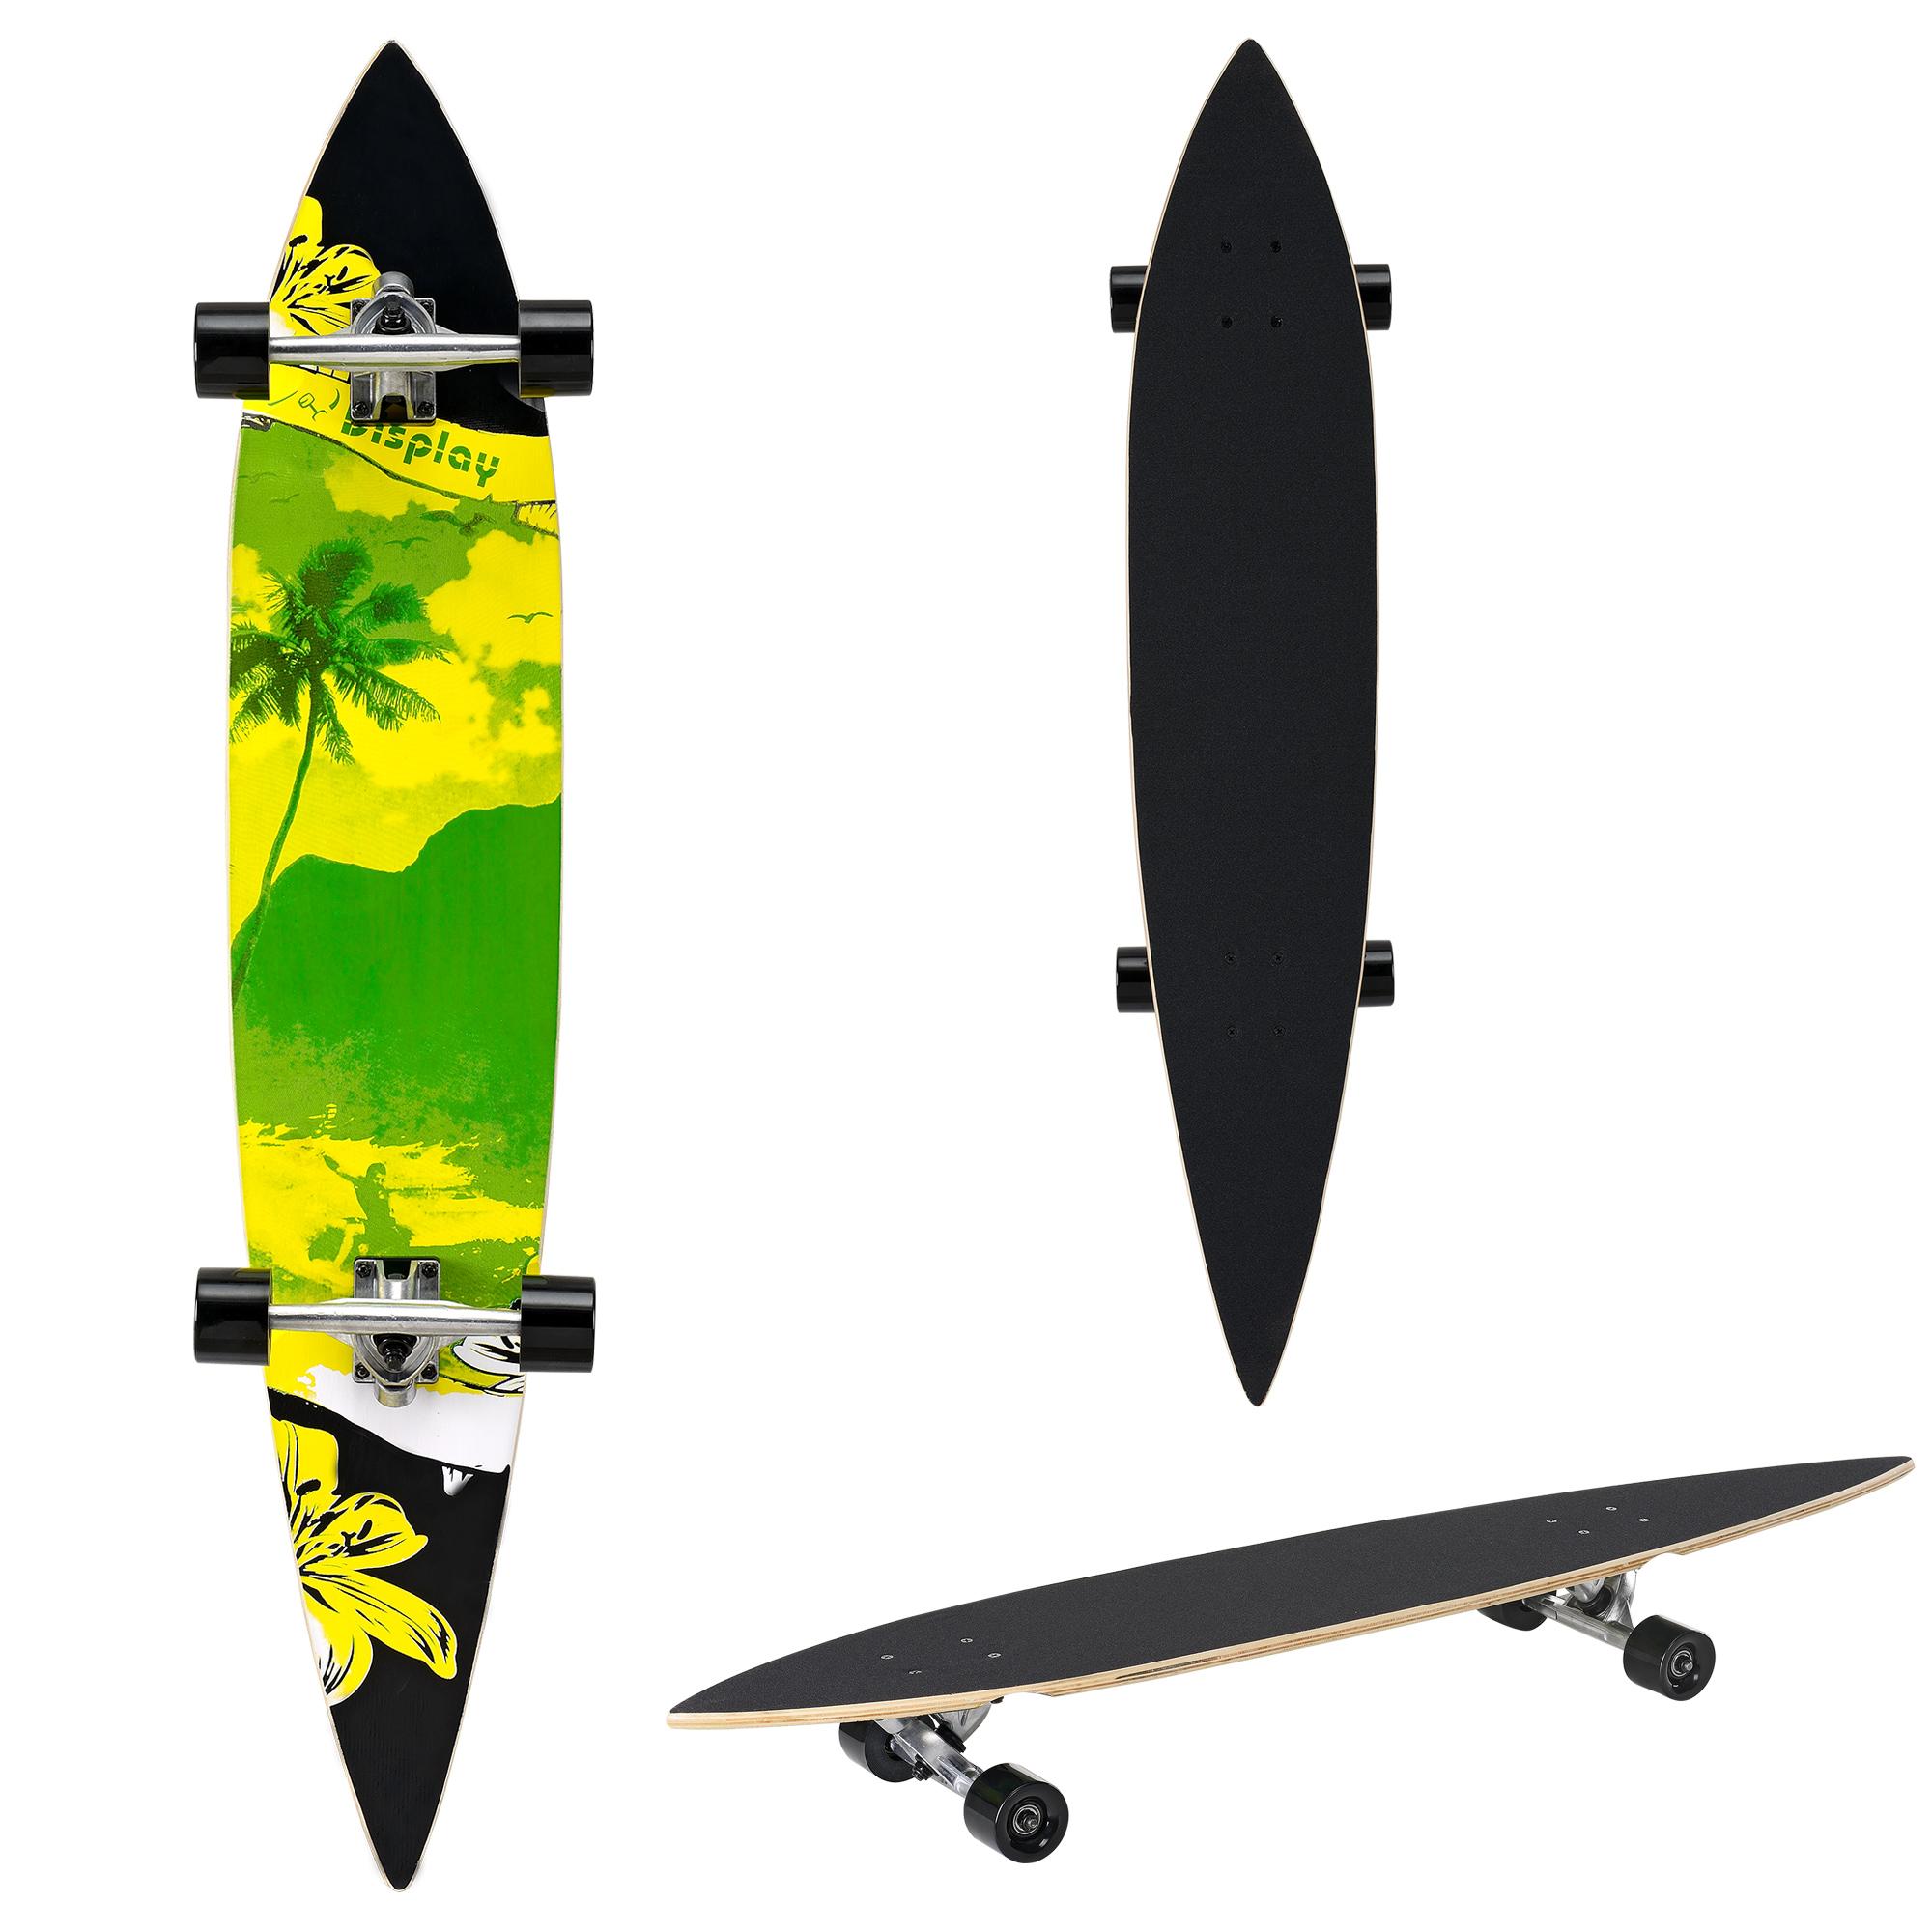 [pro.tec]® Pintail longboard - ZY-4608-2 - skateboard / surfer board